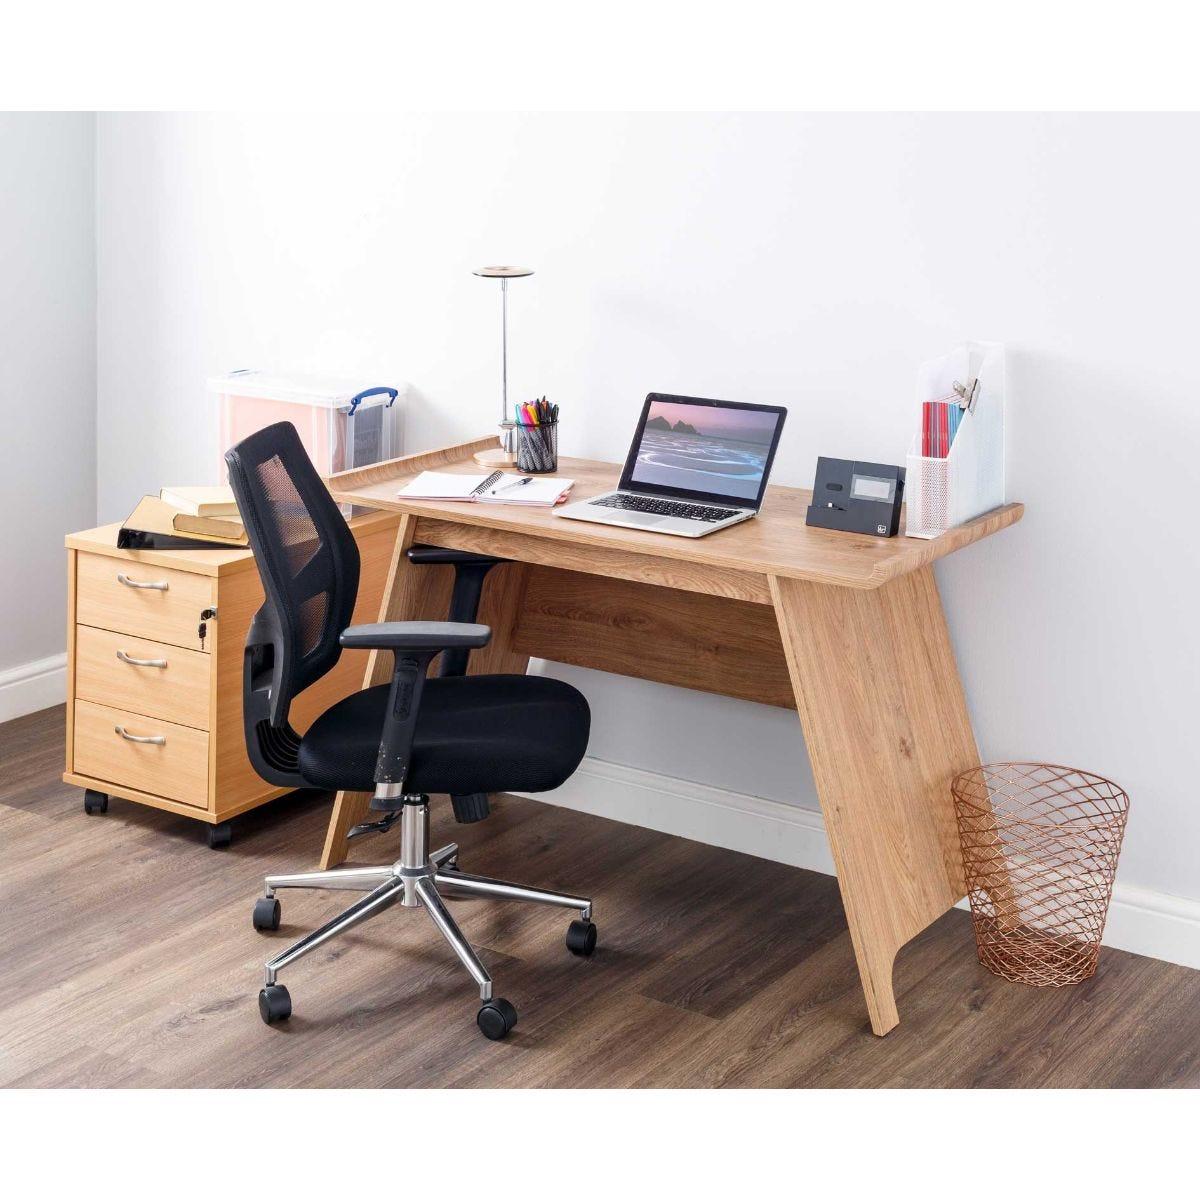 Oxford Trestle Office Desk Oak Effect Visit Ryman